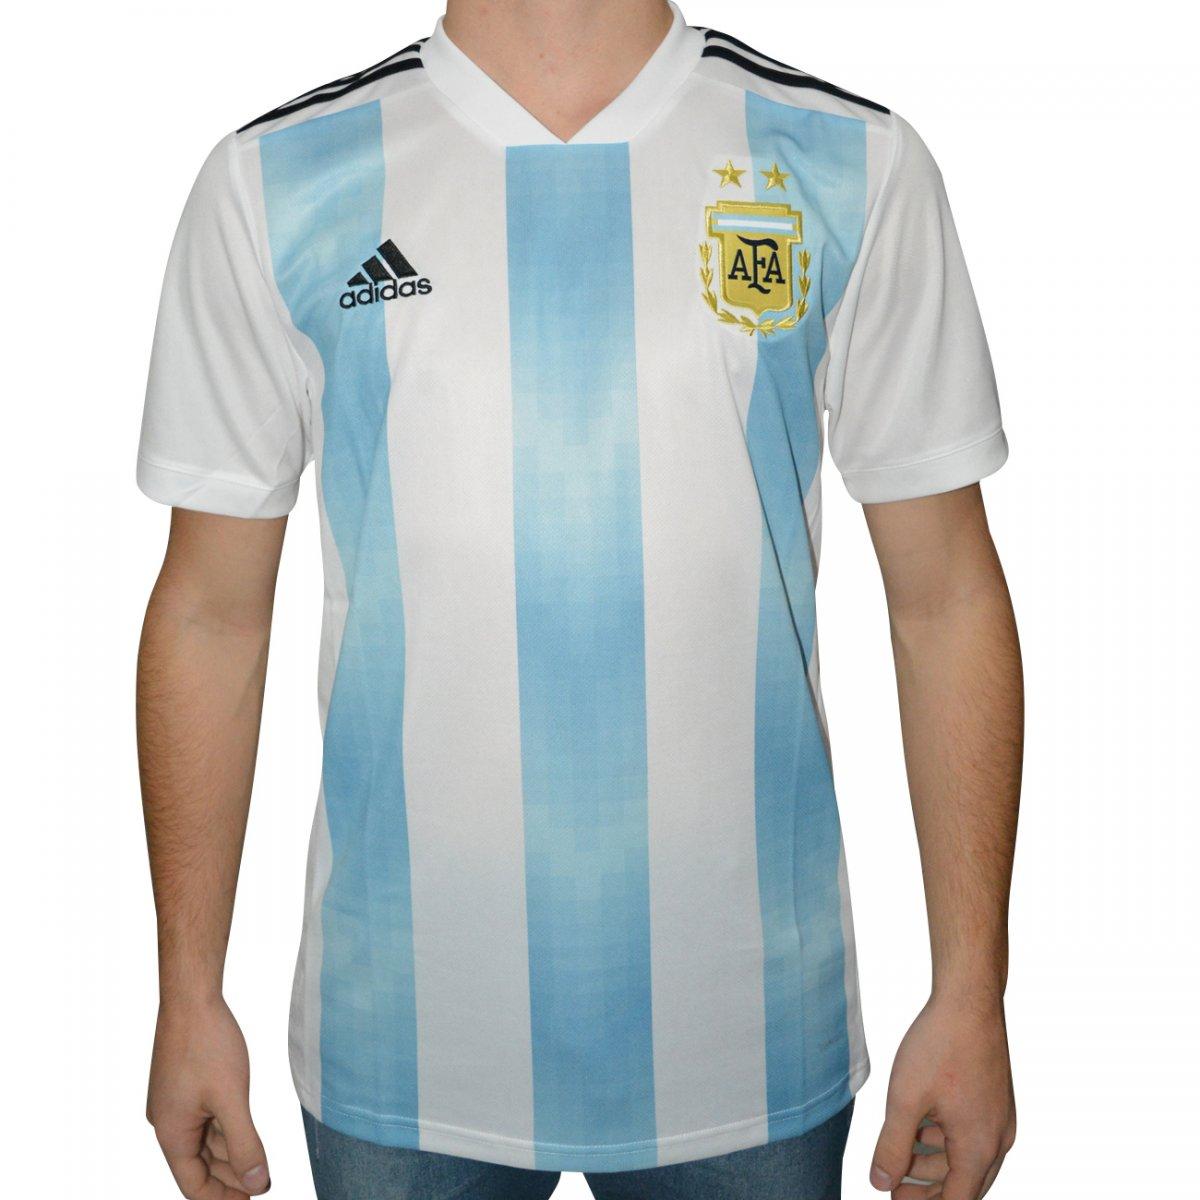 Camisa Adidas Argentina i 2018 BQ9324 - Azul branco - Chuteira Nike ... a5edd7ffc2b88